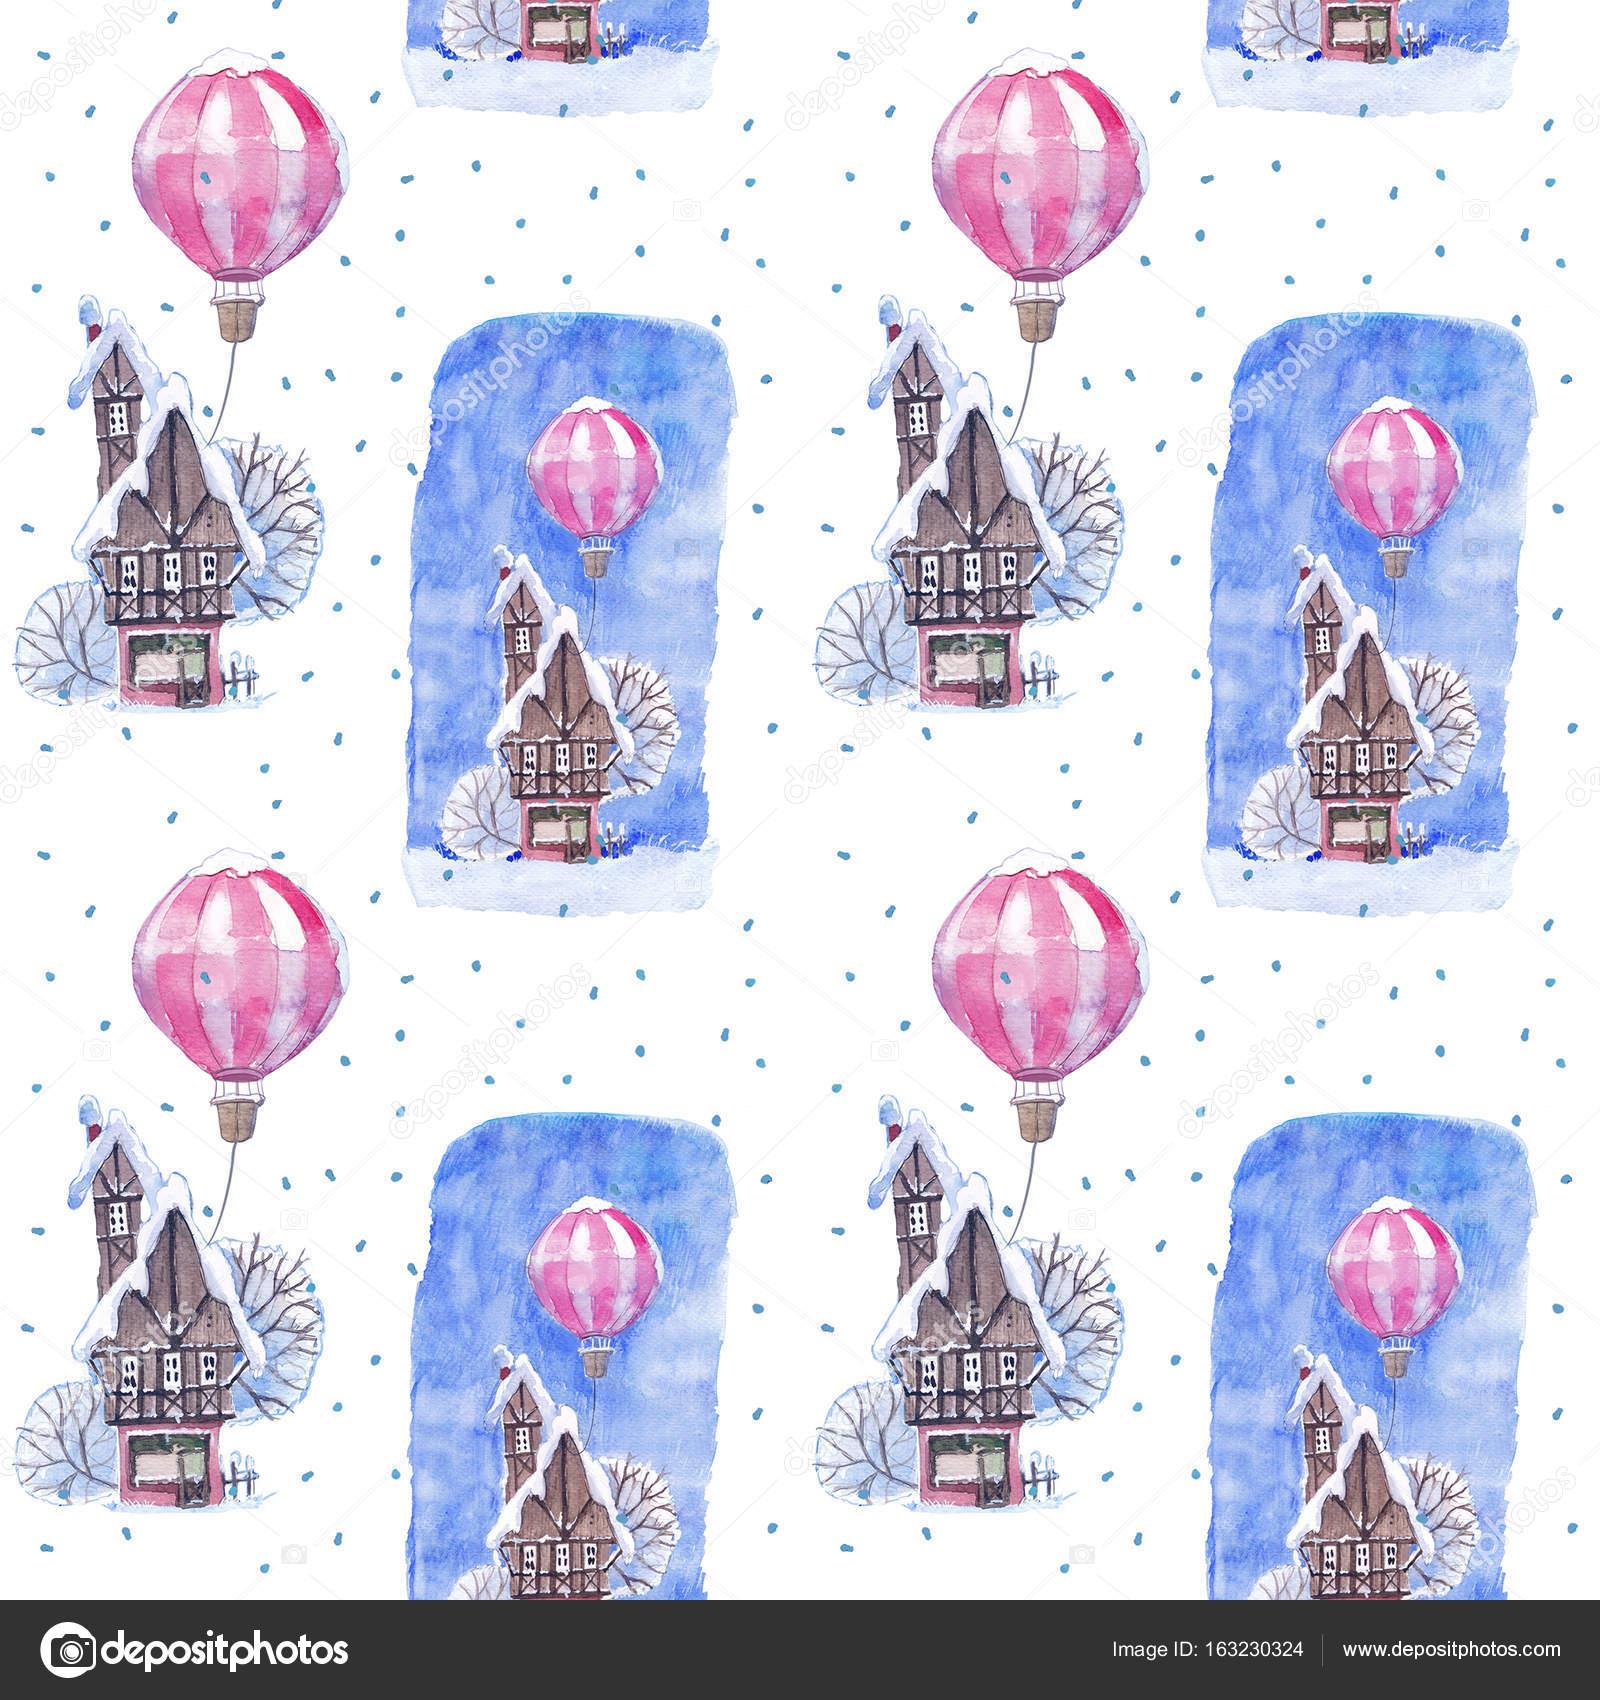 Sulu Boya Dikişsiz Desen Kış Masal Evi Balon Ve Kar Stok Foto